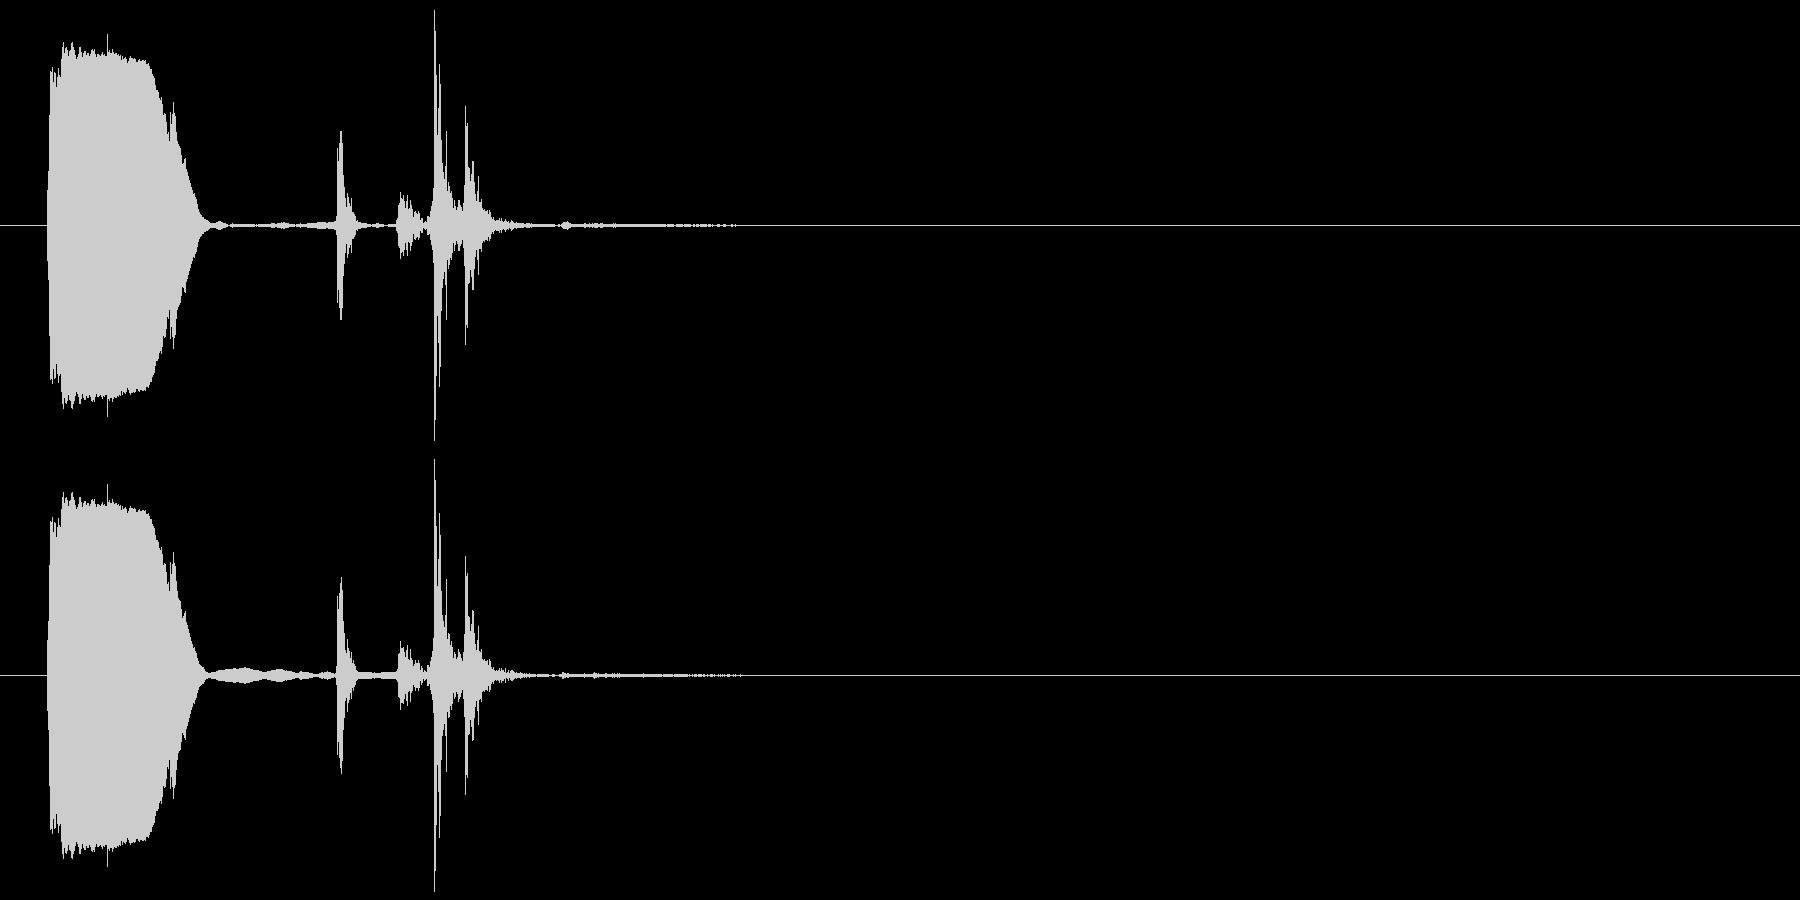 digital lock_2-3-2の未再生の波形